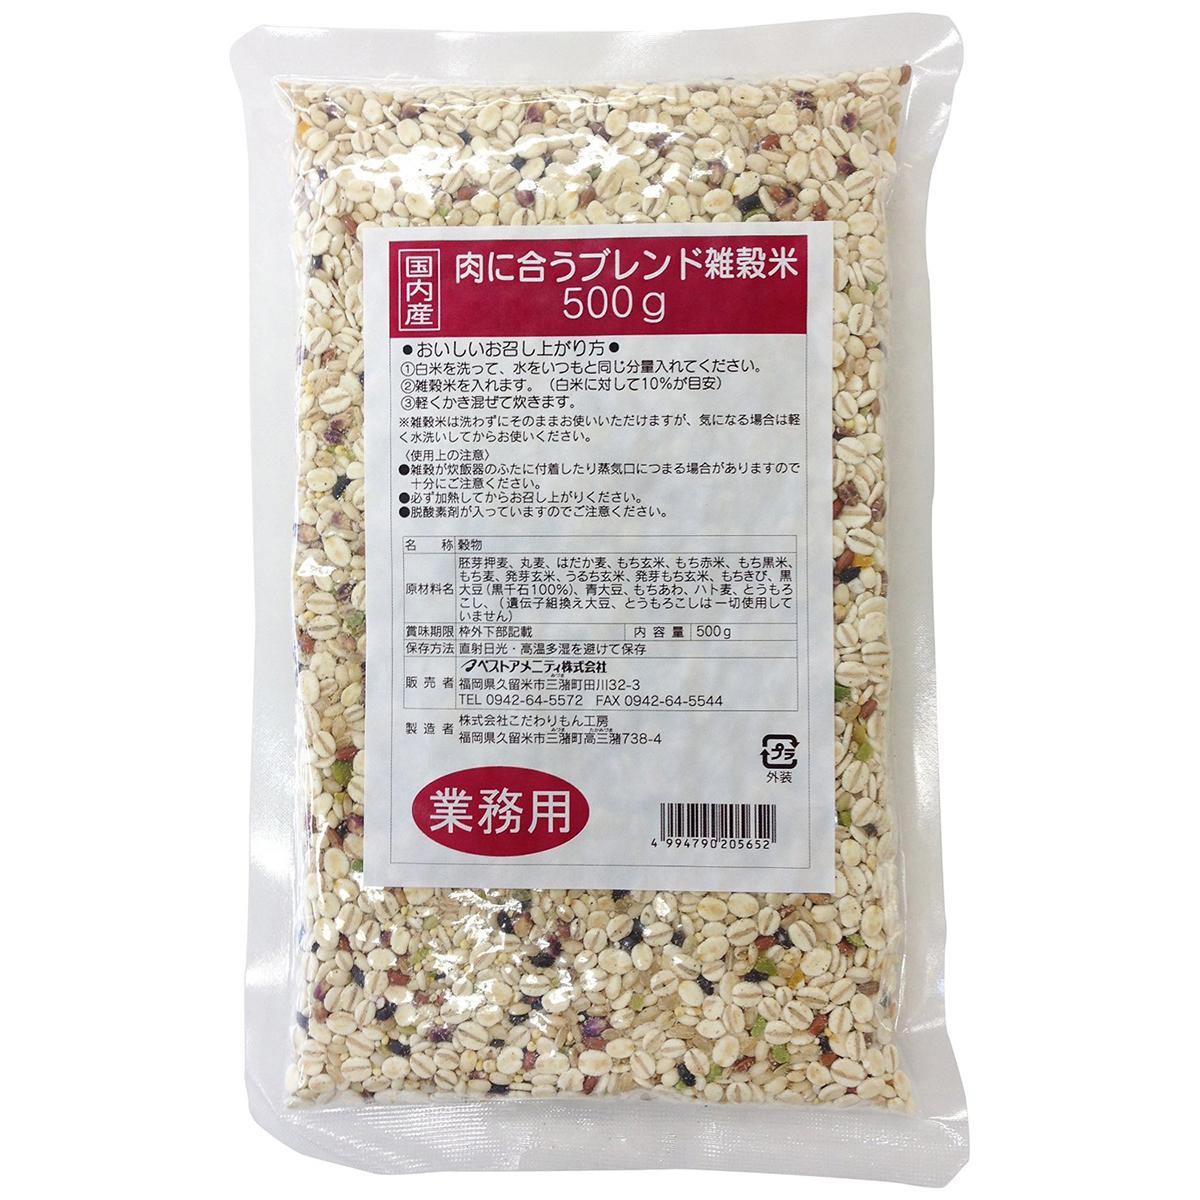 ベストアメニティ株式会社 国内産 肉に合うブレンド雑穀米〈業務用〉500g×20個セット(ご注文後のキャンセルができません)